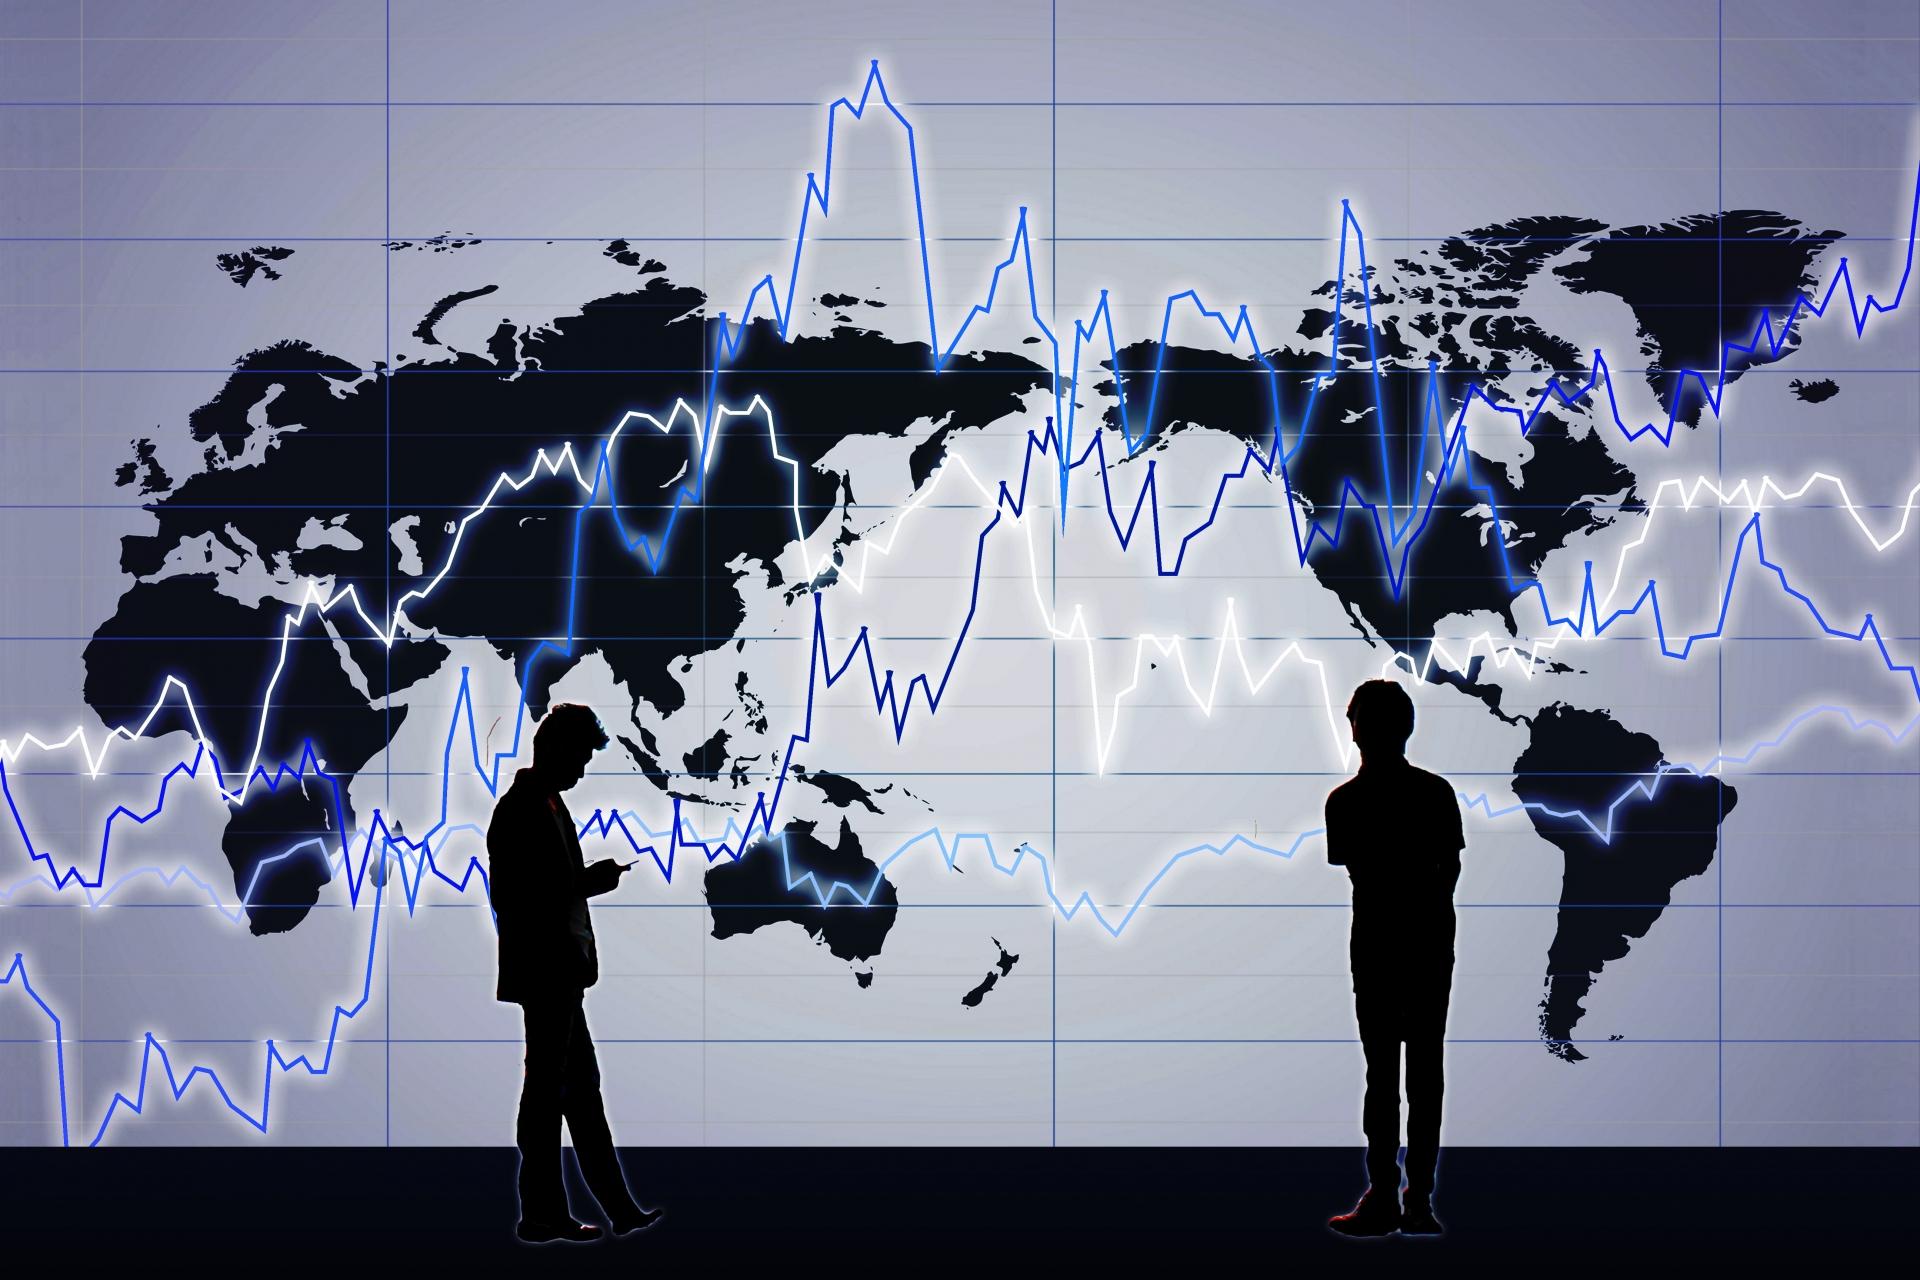 バイナリーオプションは簡単にできる?取引方法やリスクを詳しく解説。